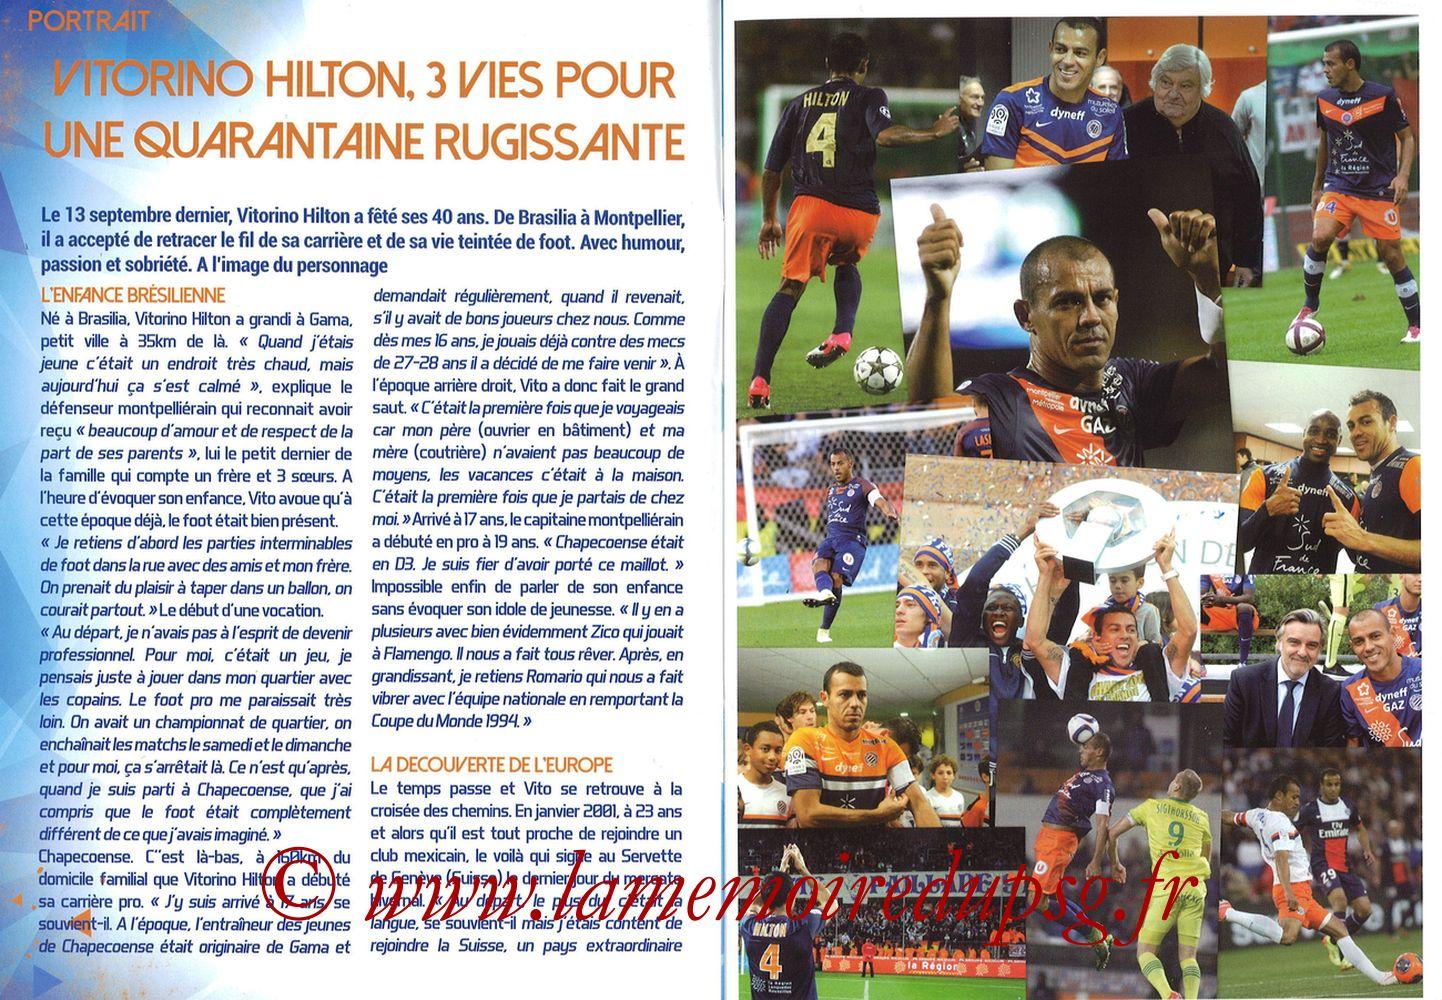 2017-09-23  Montpellier-PSG (7ème L1, L'Echo de la Mosson N°4) - Pages 02 et 03